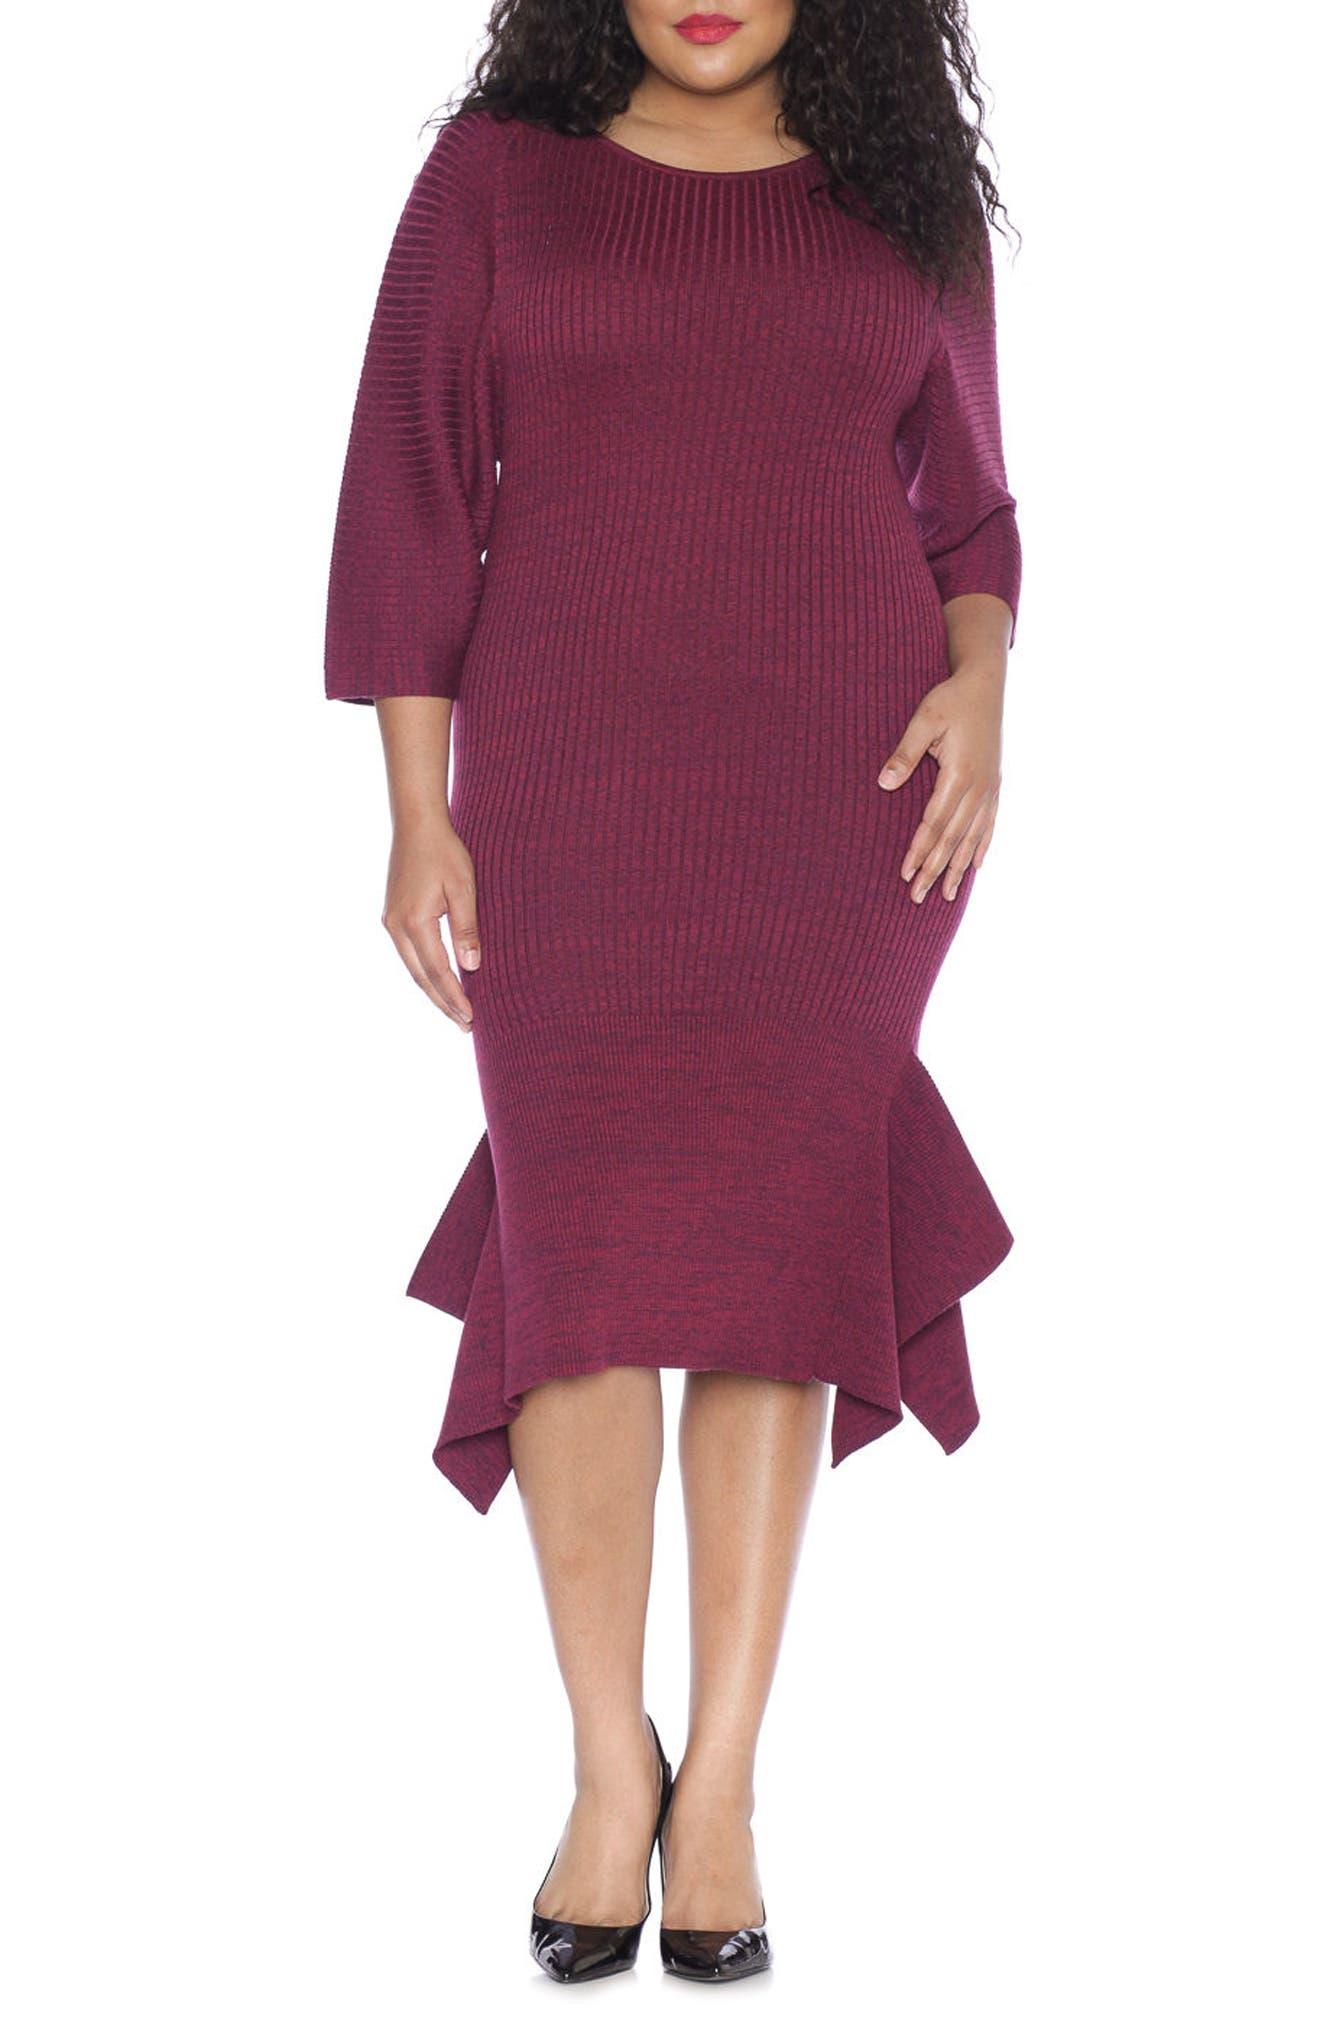 SLINK Jeans Handkerchief Hem Sweater Dress (Plus Size)